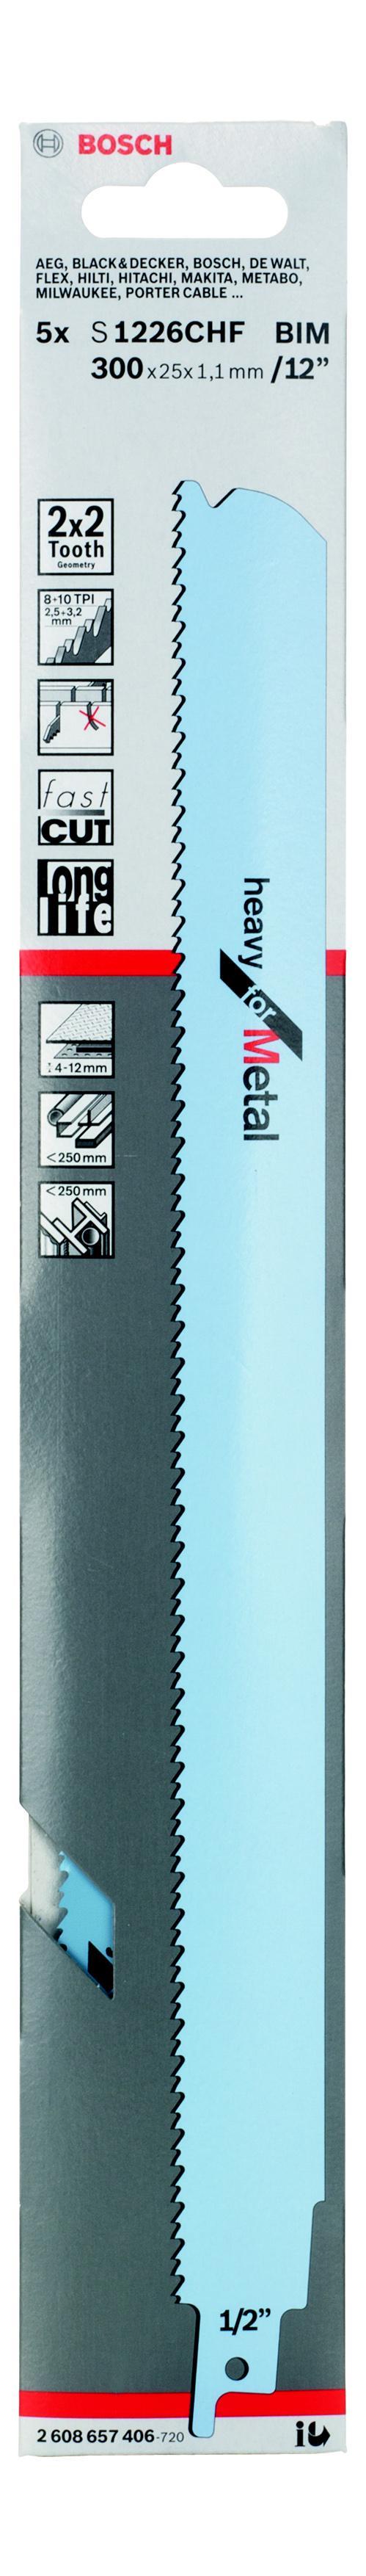 Полотно для сабельной пилы Bosch S 1226 chf (2.608.657.406) полотно для сабельной пилы bosch 300 мм для gsg 300 2 607 018 012